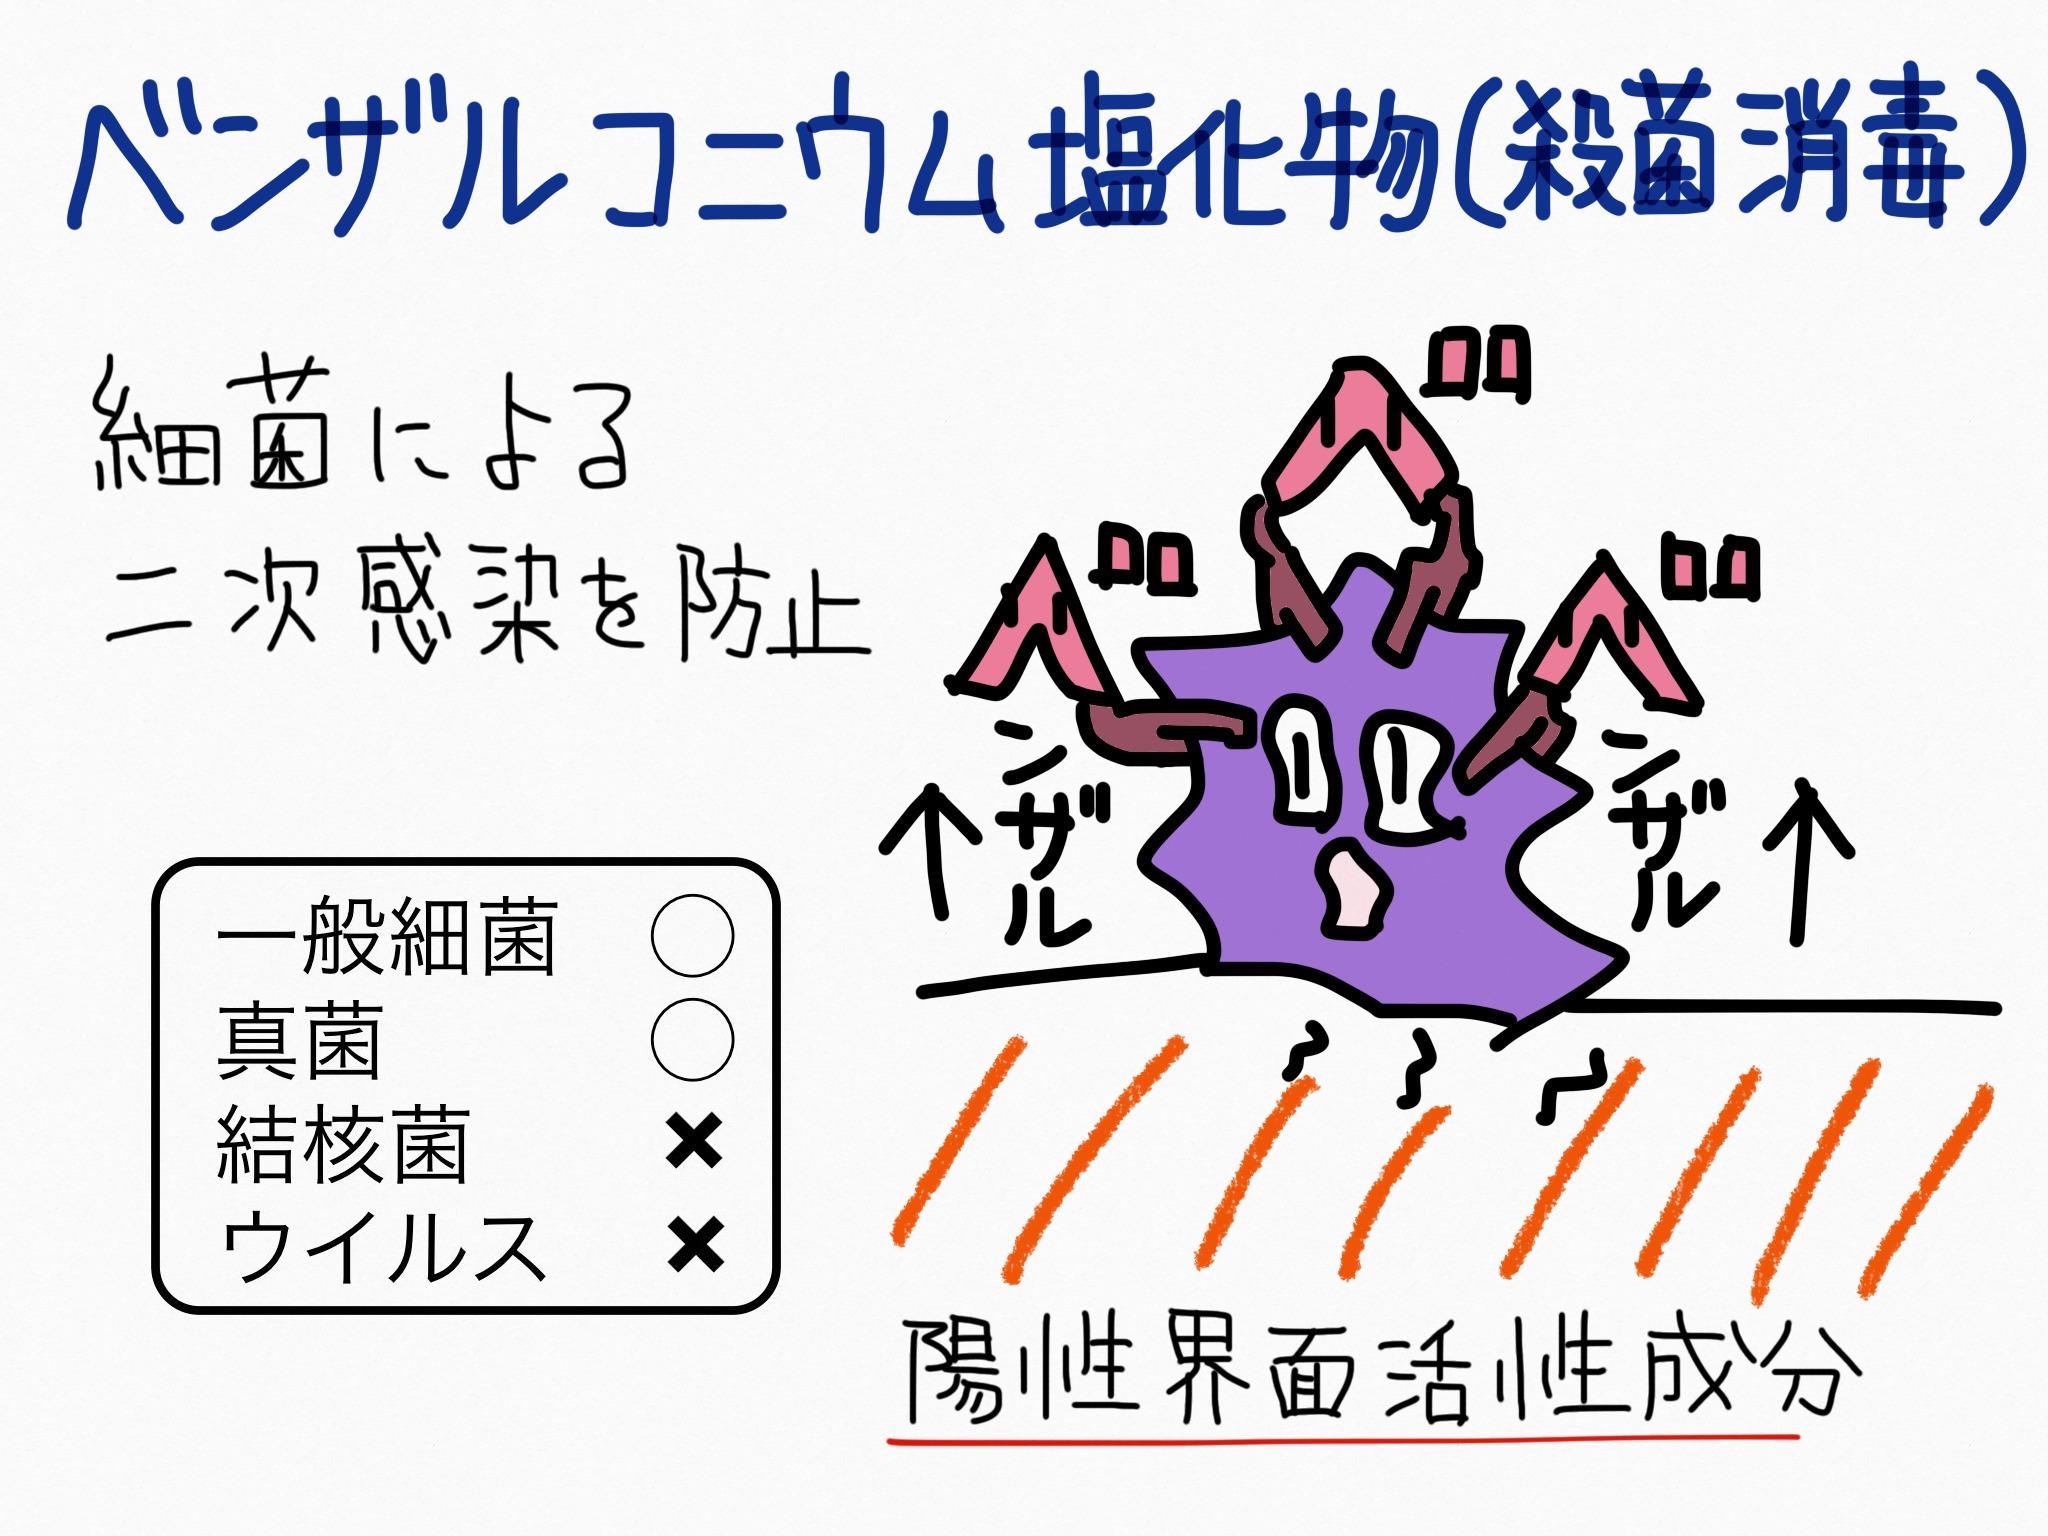 効果 ベンザ 物 ニウム ルコ 塩化